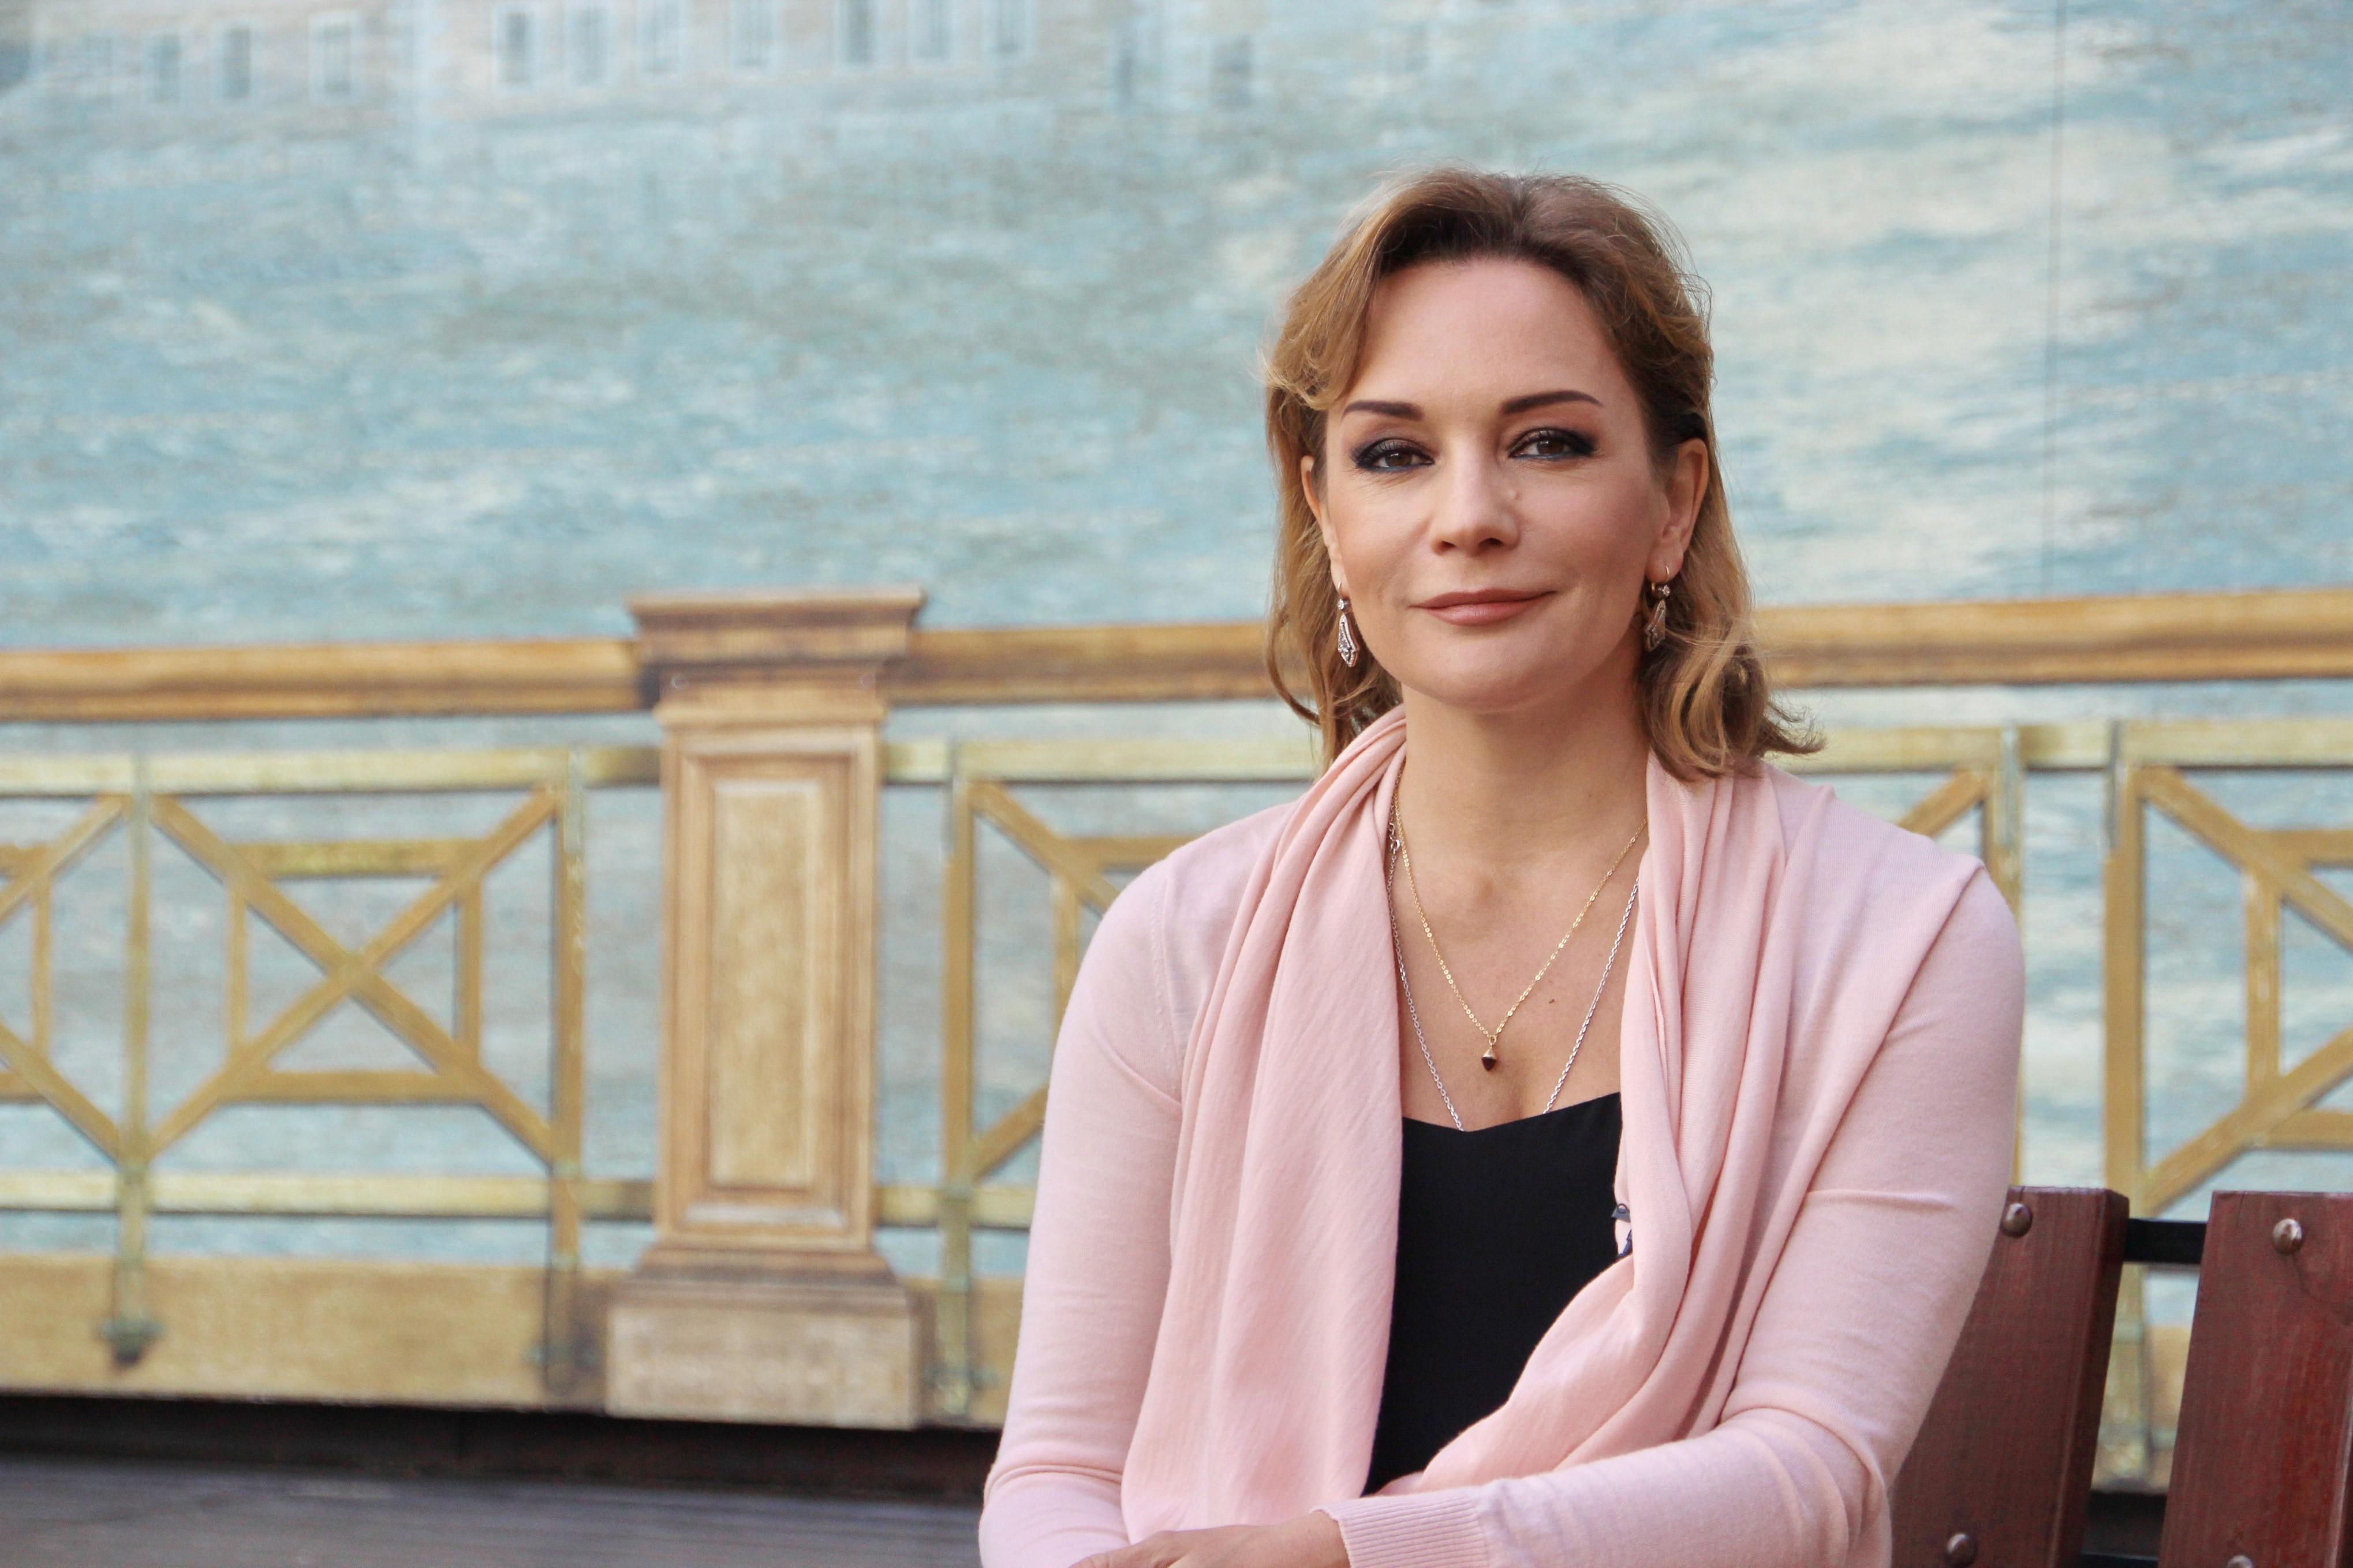 Татьяна Буланова: «Я ем все, но в правильное время»